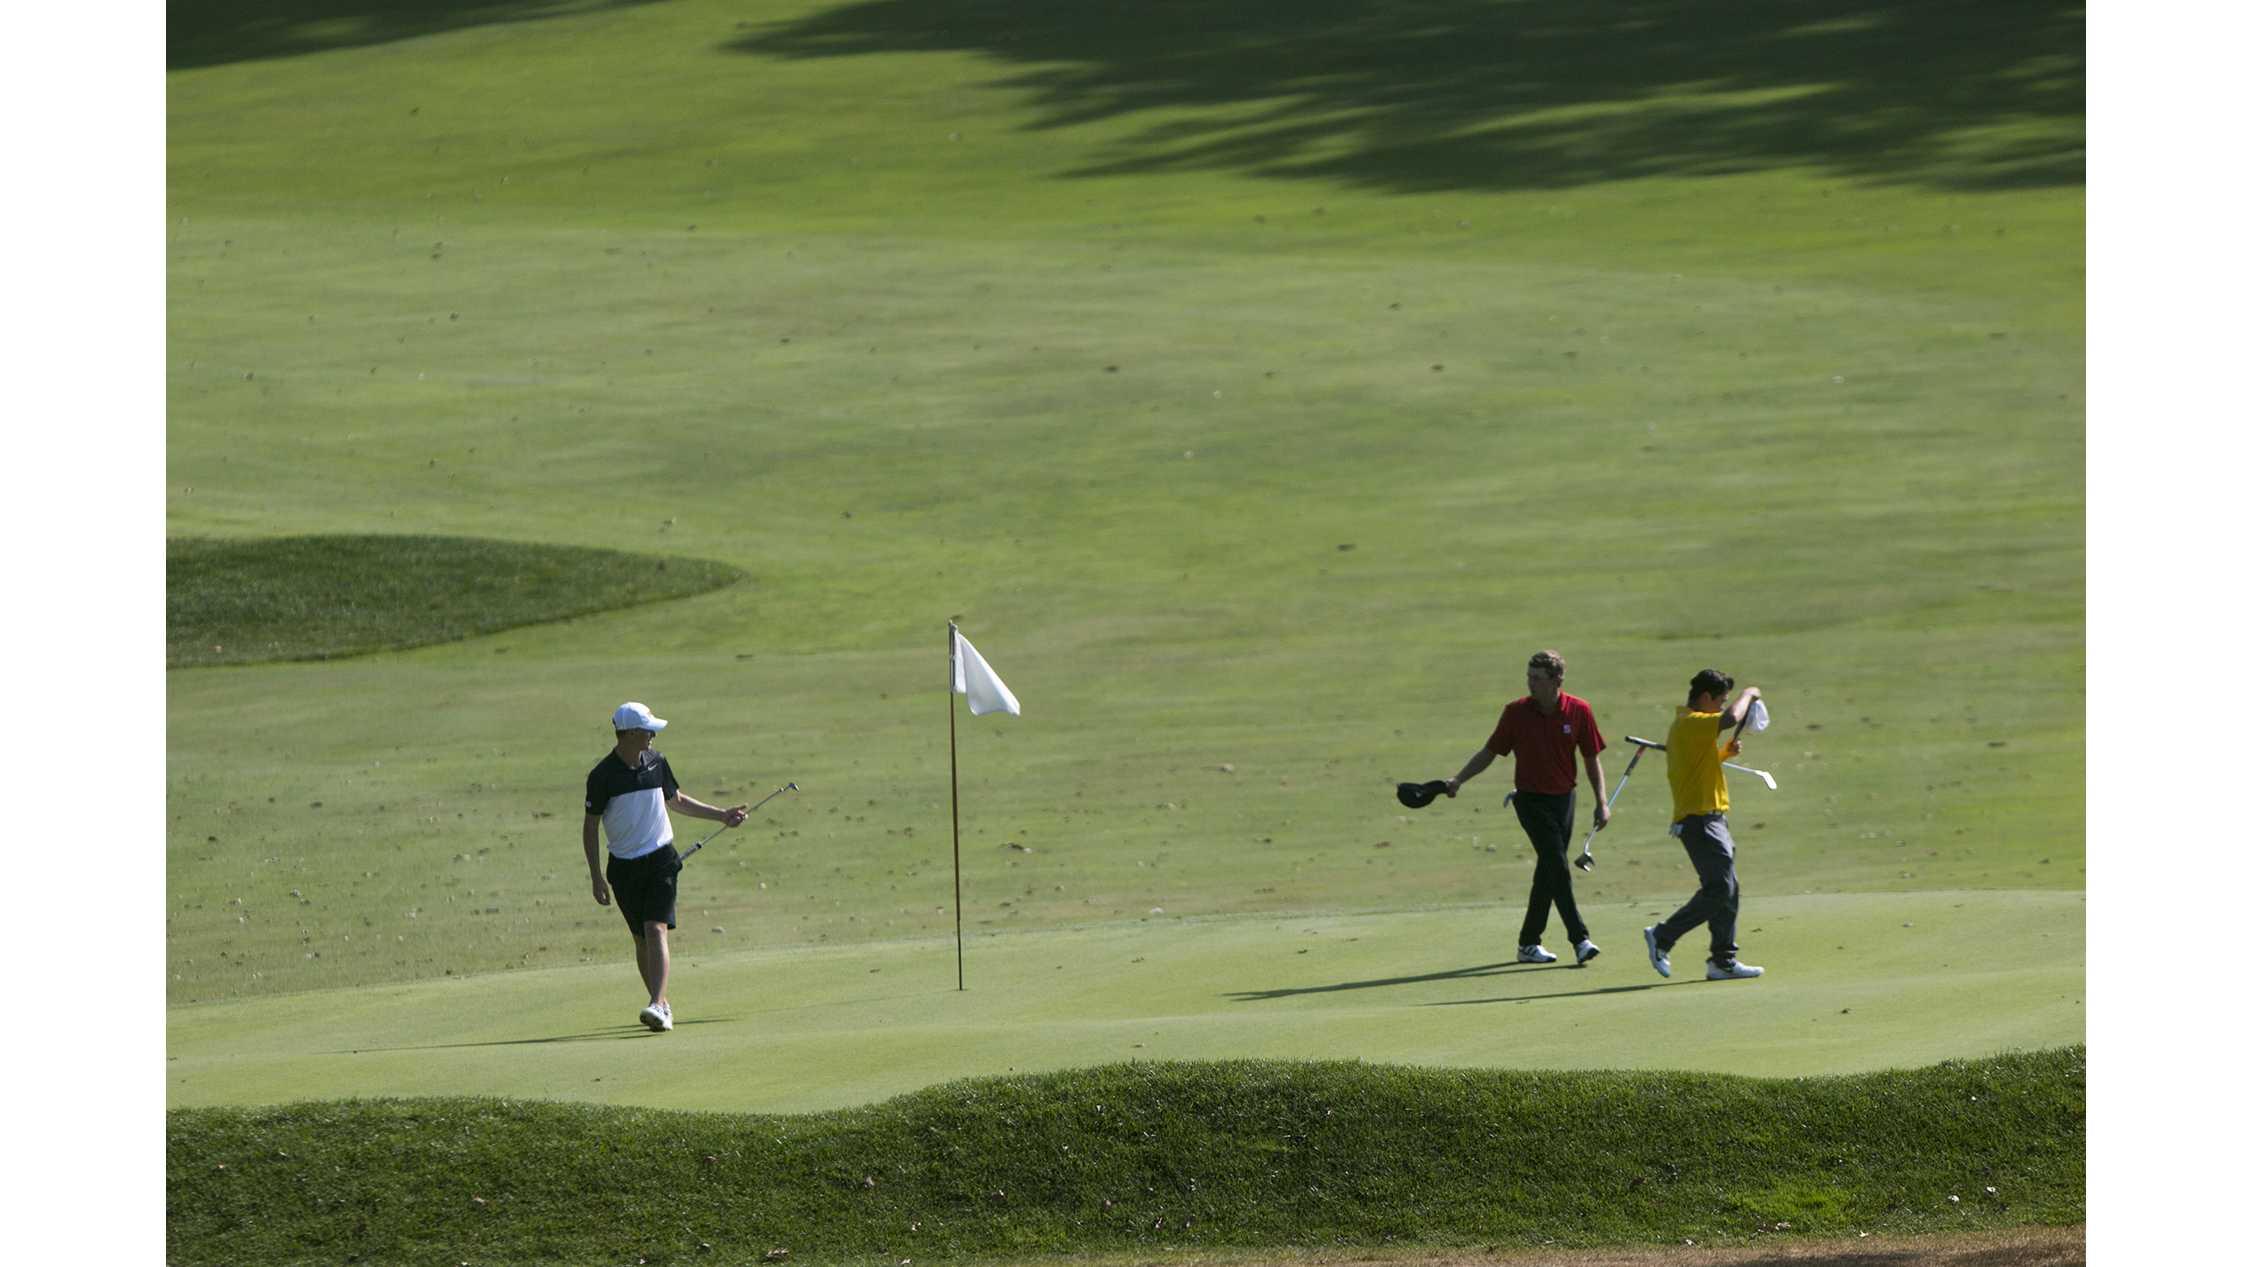 Walker, Ip highlight weekend for Iowa golf